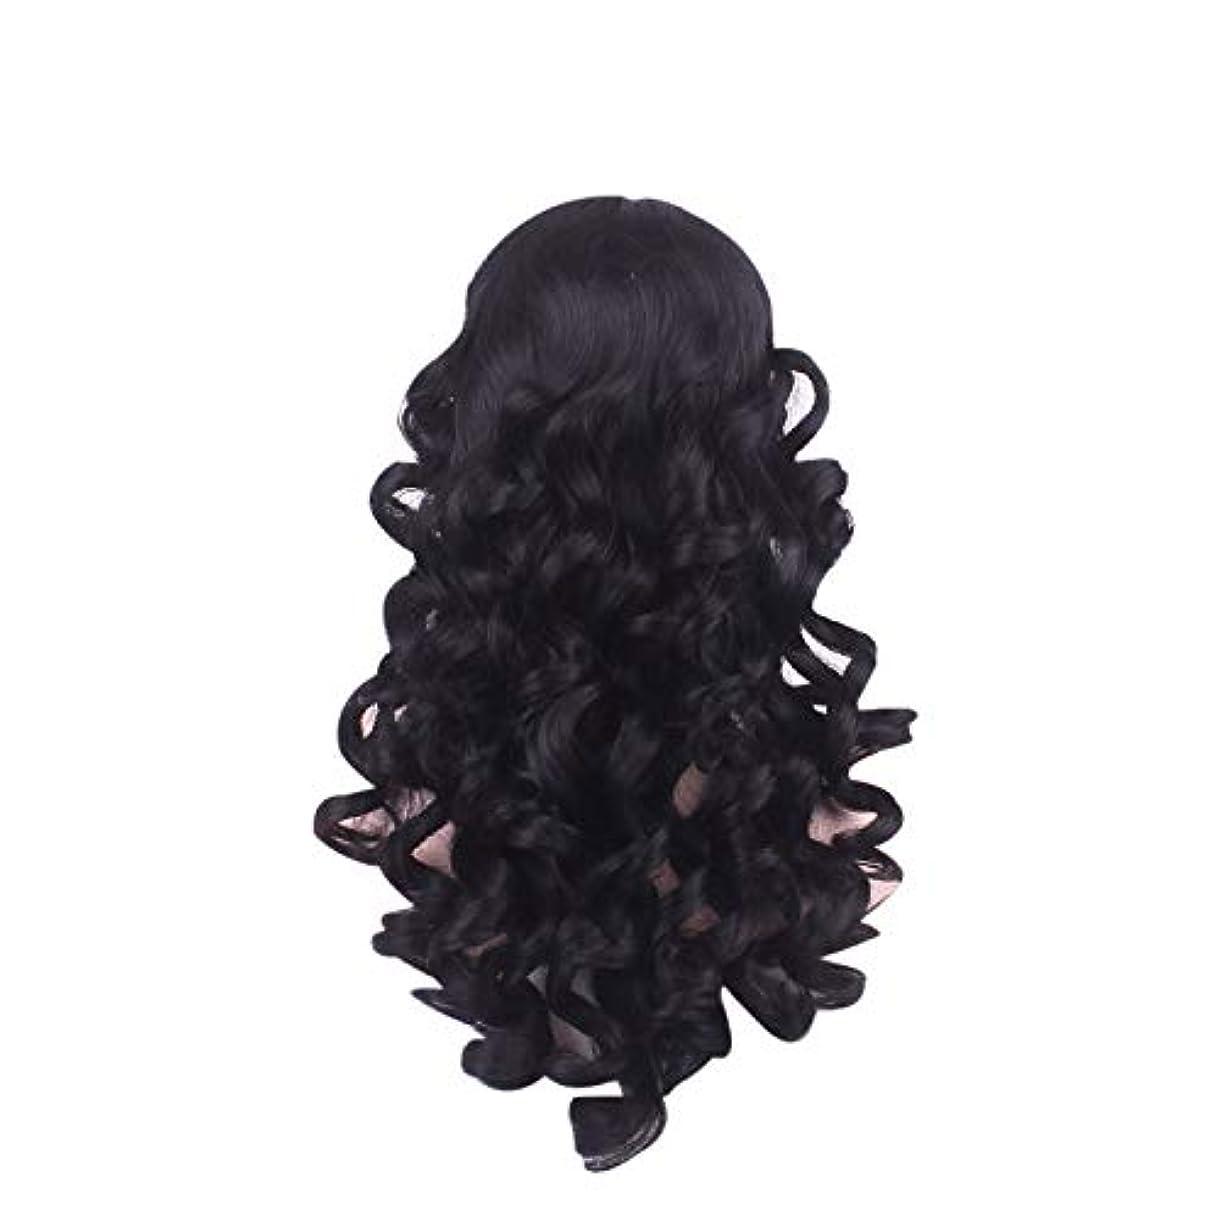 気性オリエンテーション島女性の長い巻き毛のファッションかつらローズネット65 cm